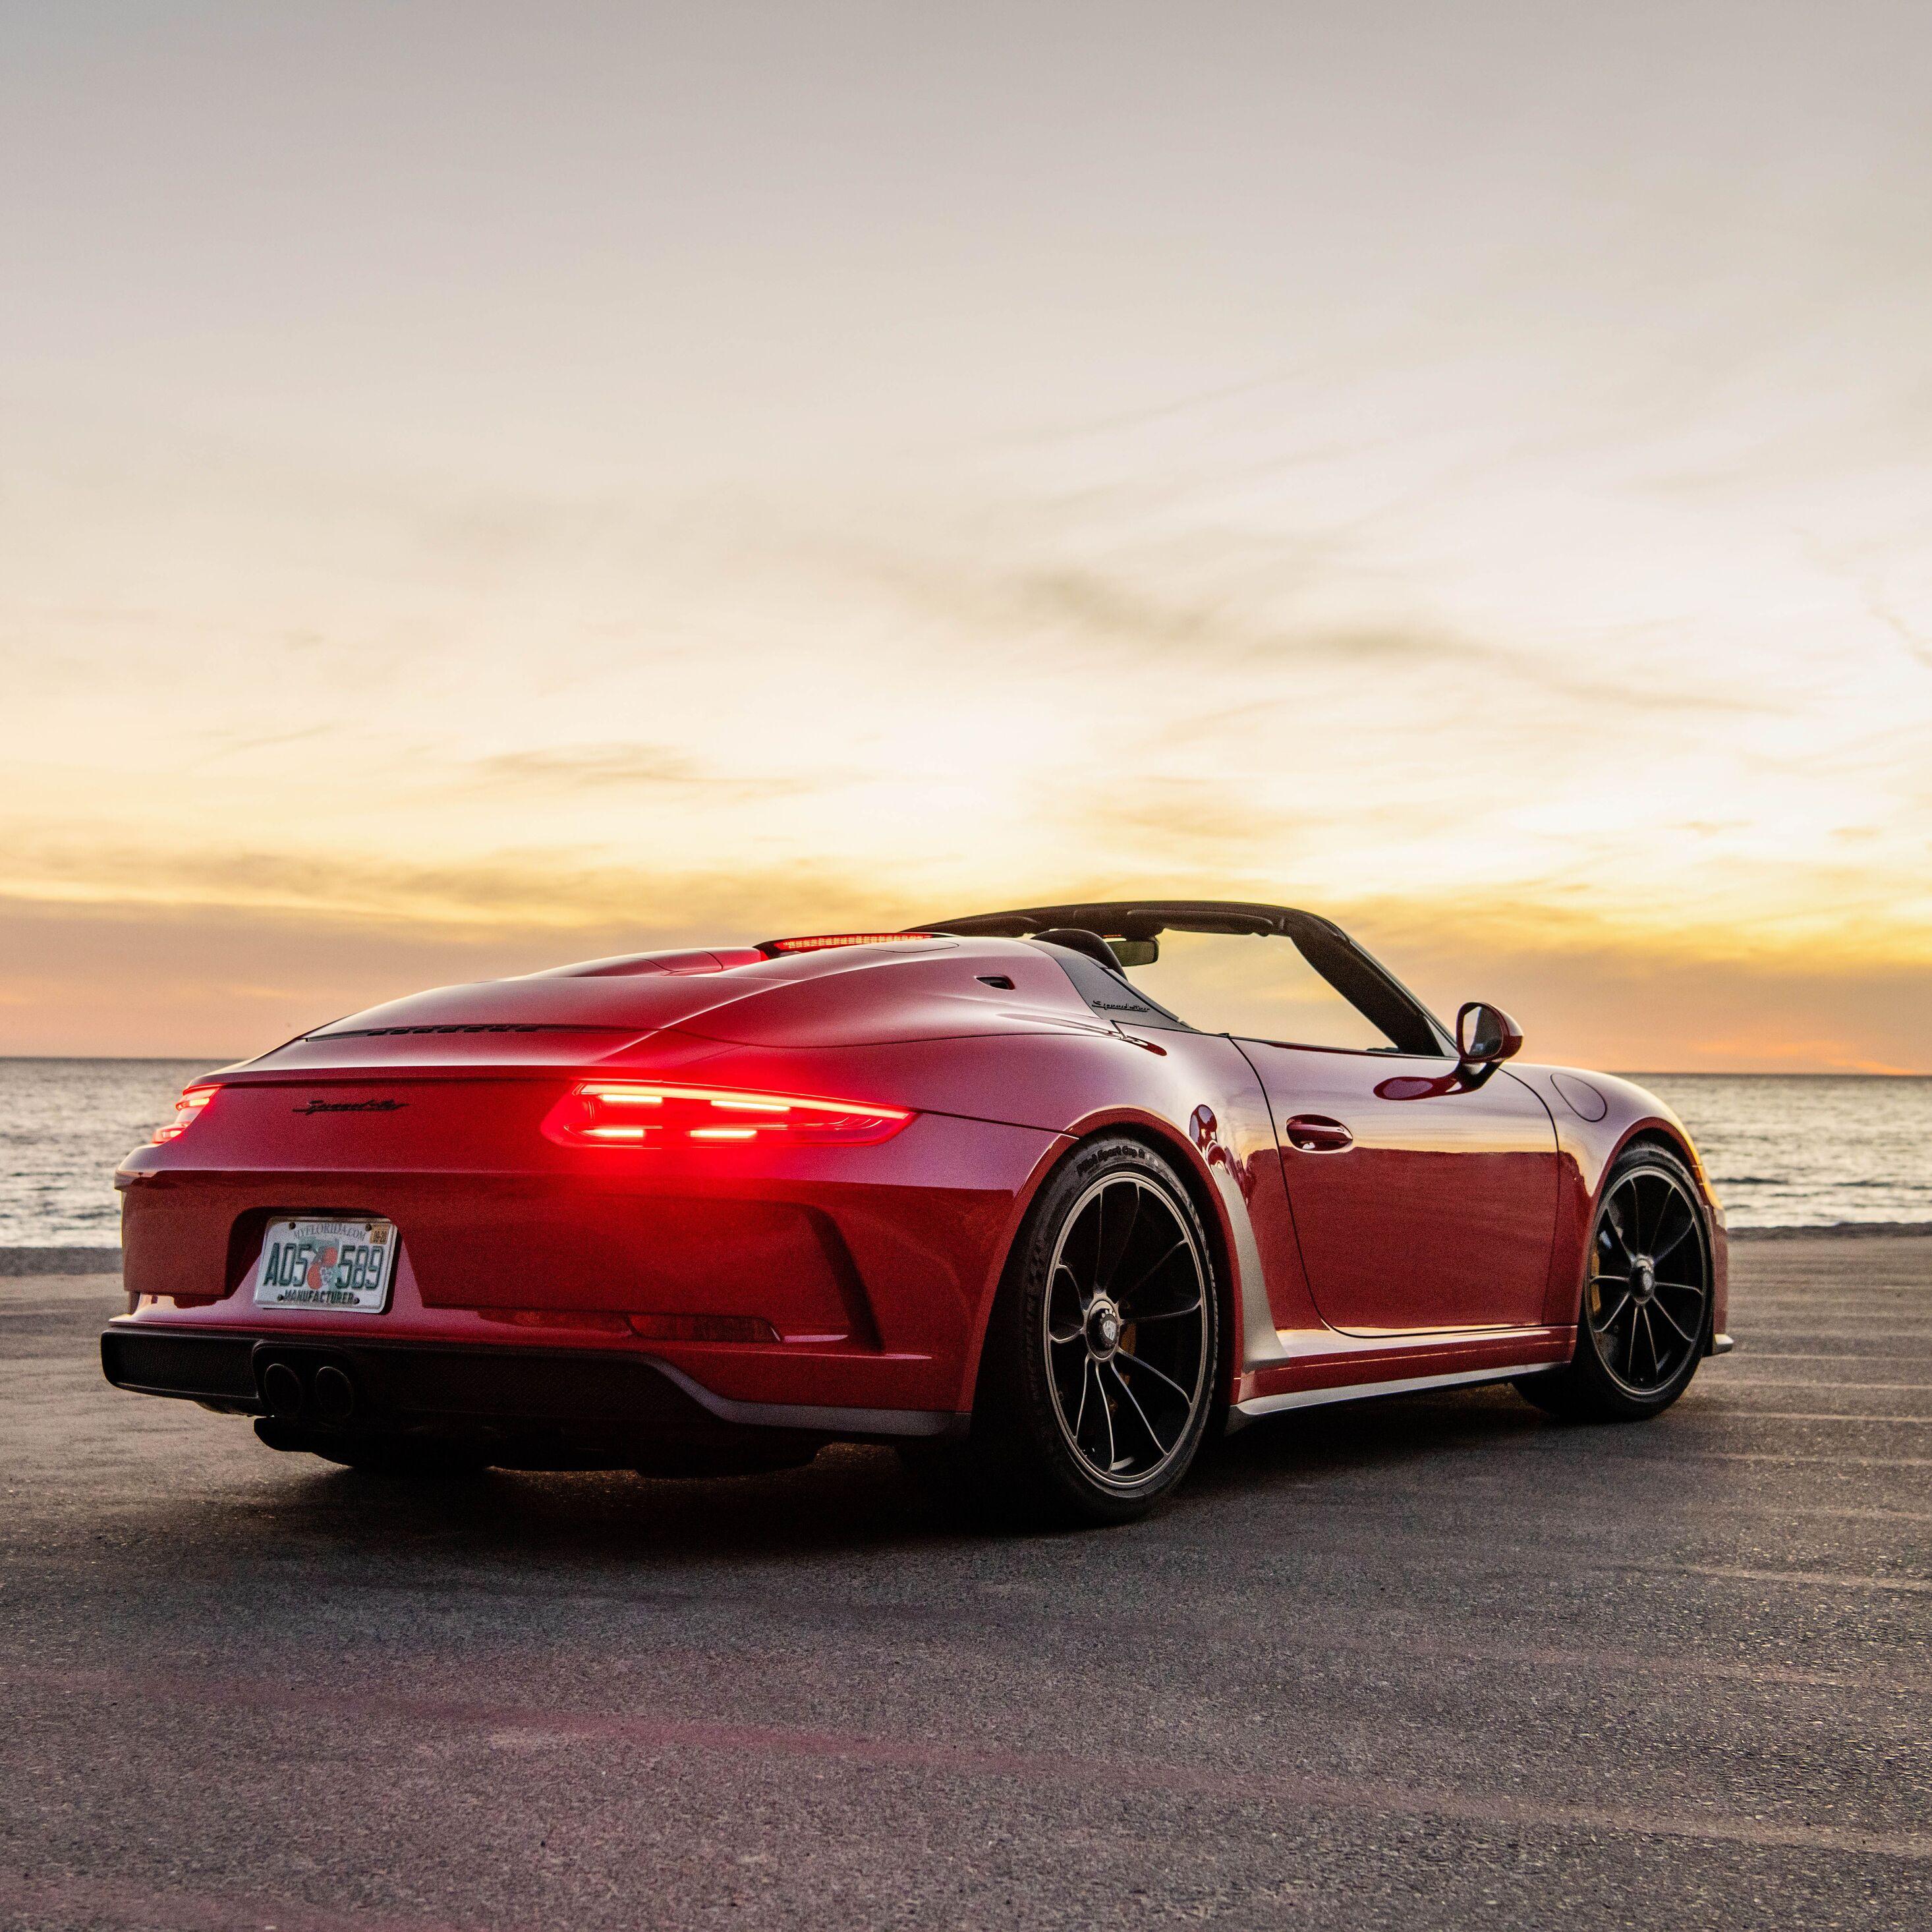 porsche-911-speedster-2020-8k-1e.jpg